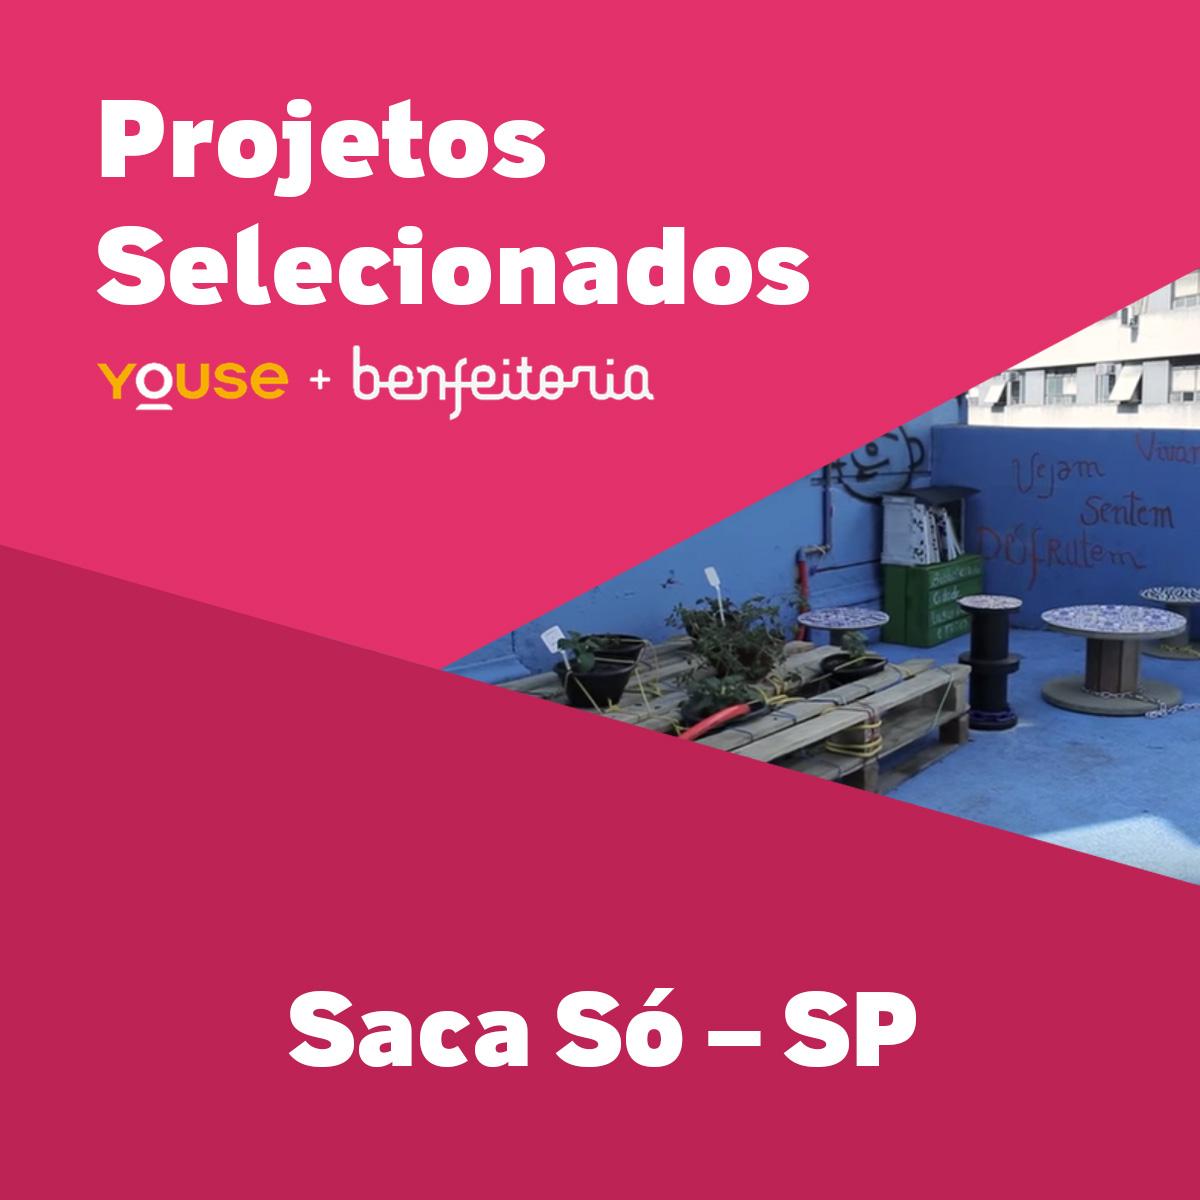 Projetos Selecionados - Saca Só - SP